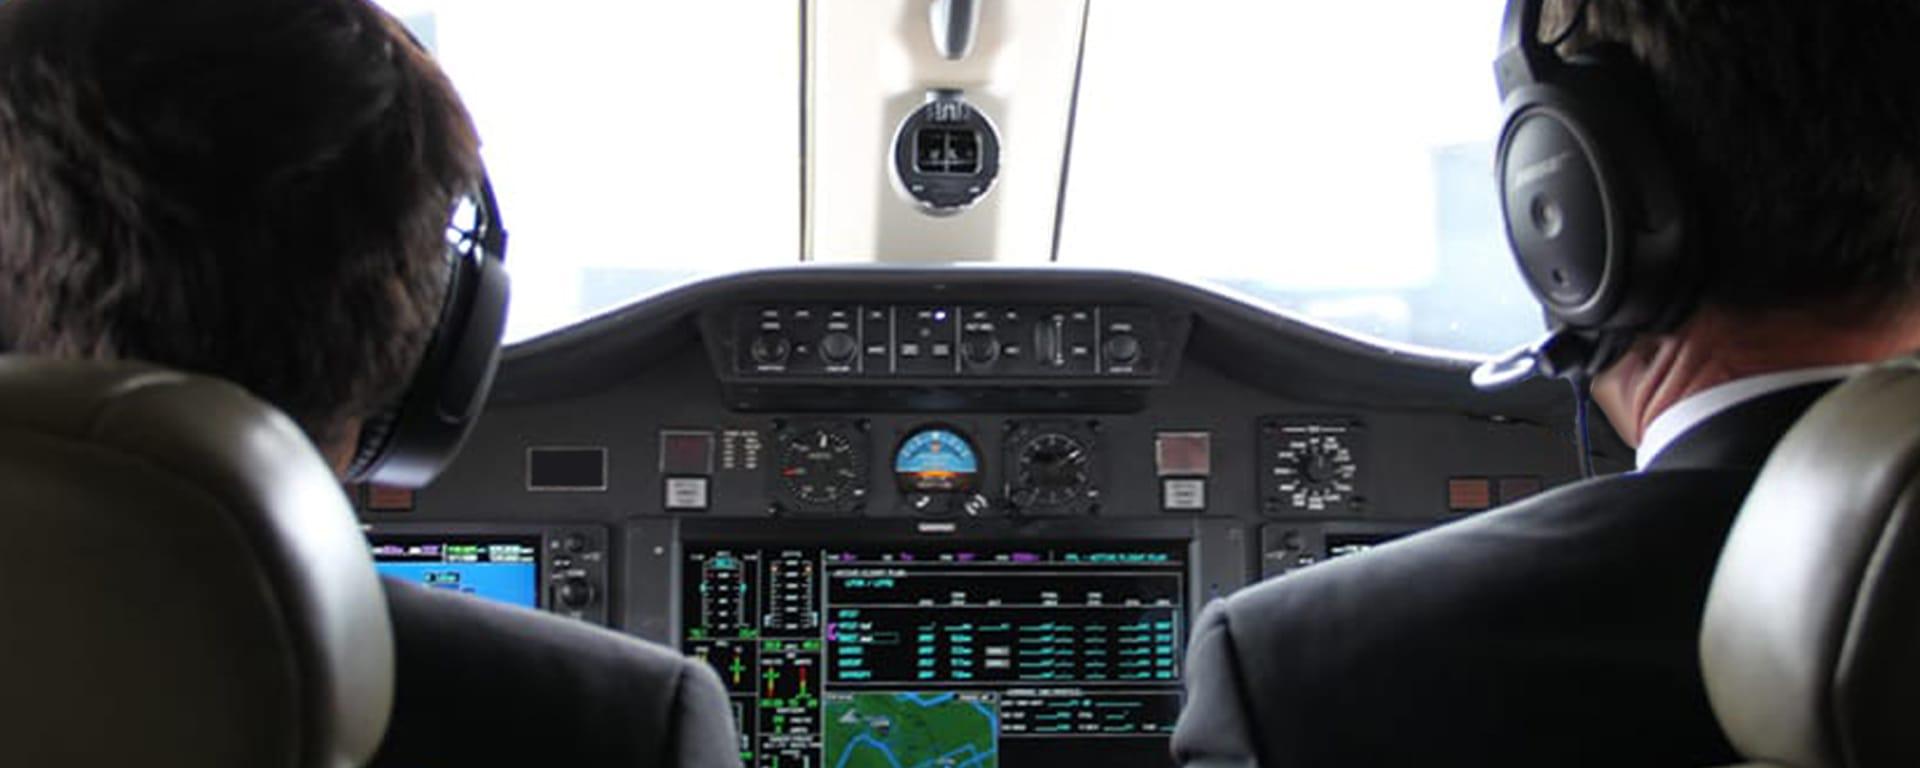 Astonjet, compagnie aérienne privée appartenant à Clair Group